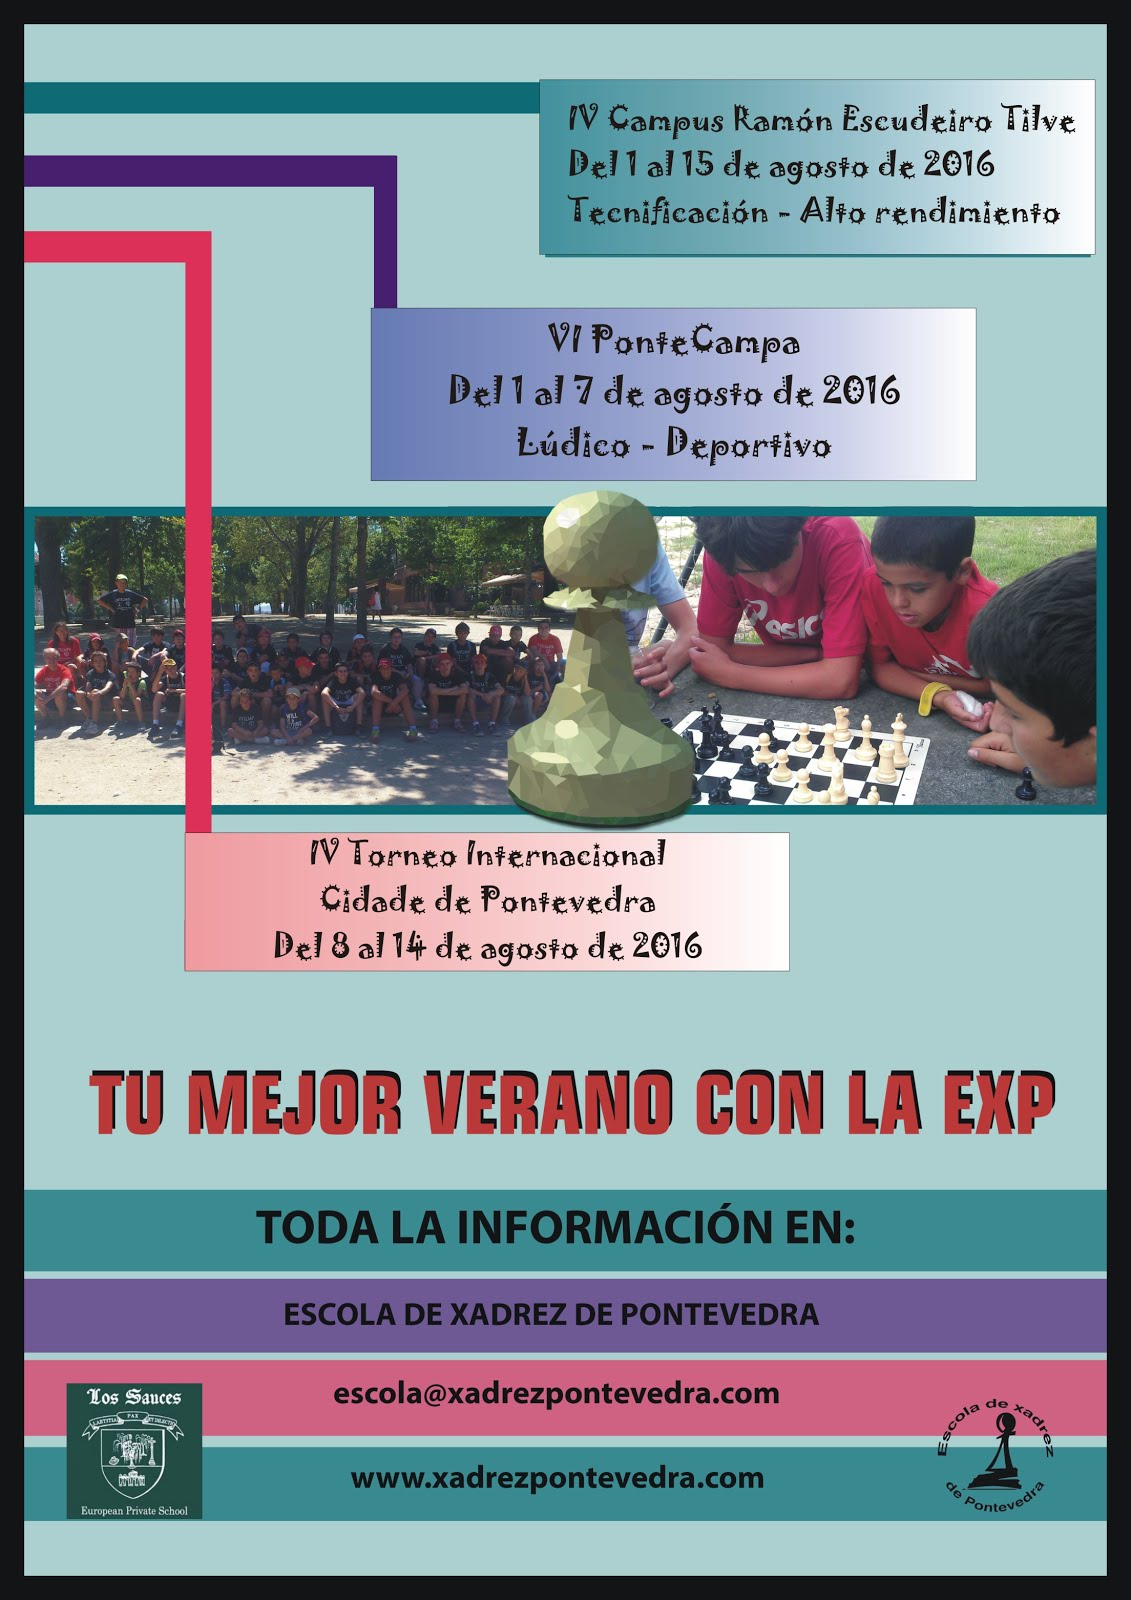 IV Campus Internacional Ramón Escudeiro Tilve